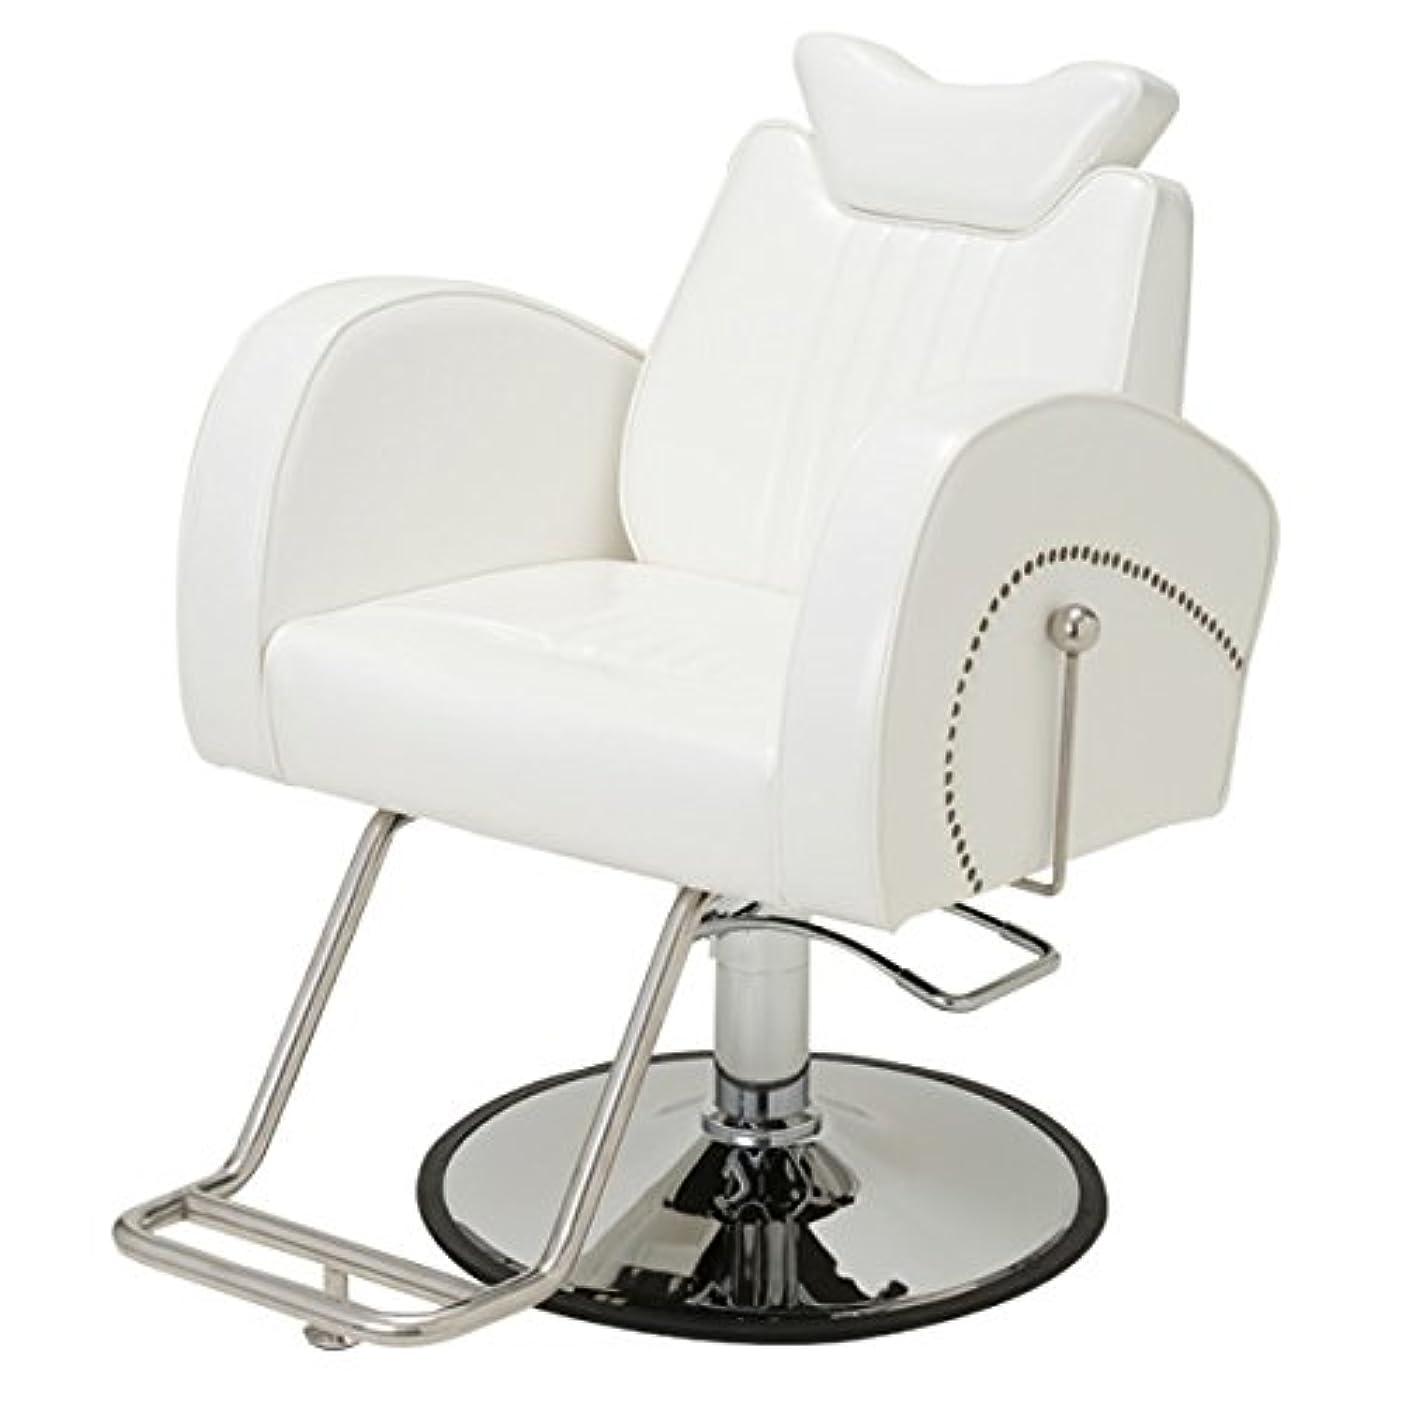 洗剤潜在的な摂氏度手動マクラ付き マルチチェア Cozy 802 ホワイト [ スタイリングチェア シャンプー椅子 チェア 椅子 イス セットチェア セット椅子 セットイス カットチェア カット椅子 カットイス 美容室椅子 美容室 美容師 ]